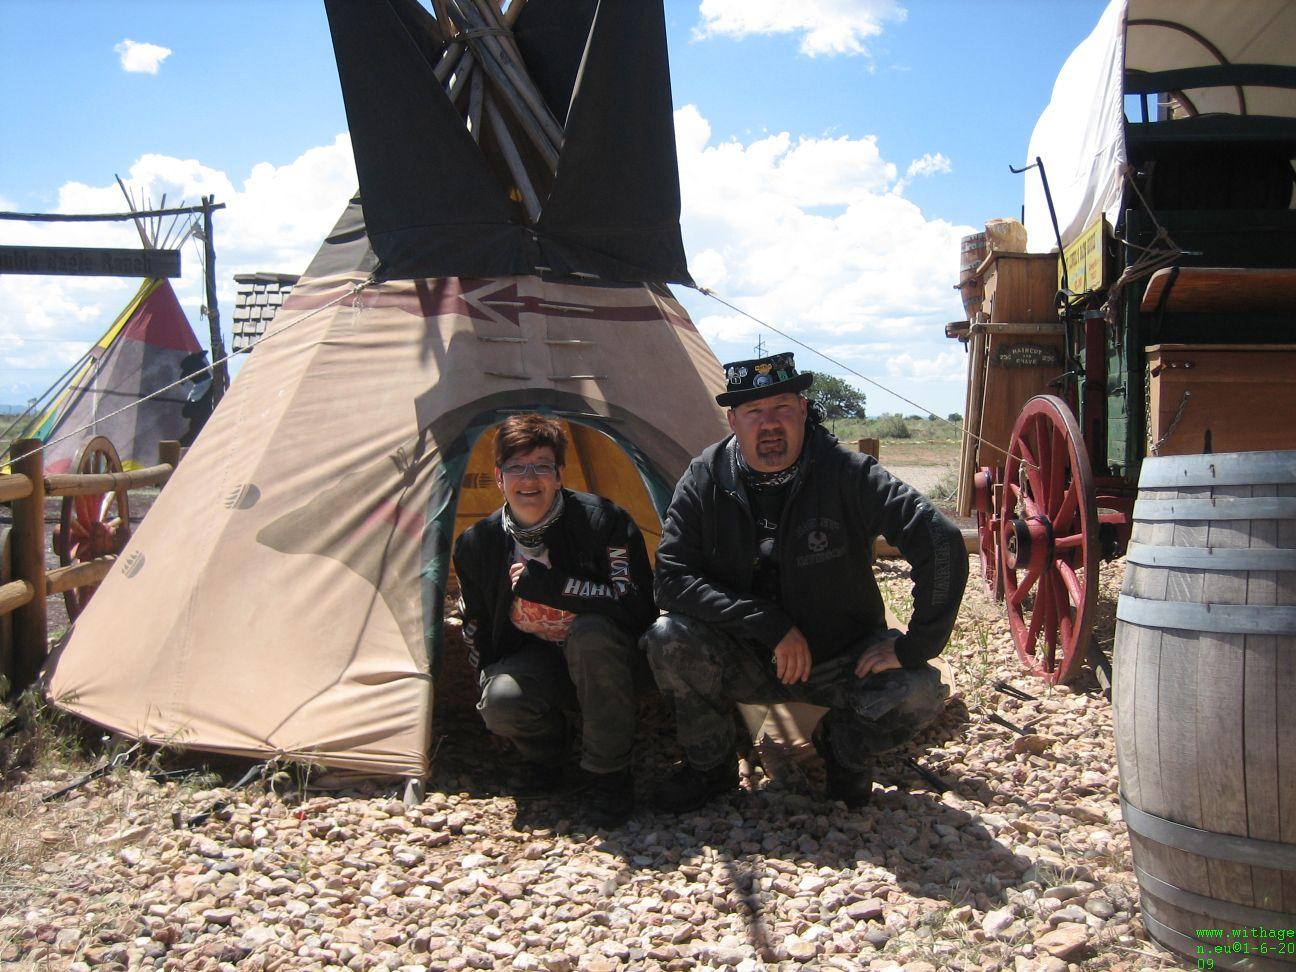 Ugh squaw bij tent gevonden